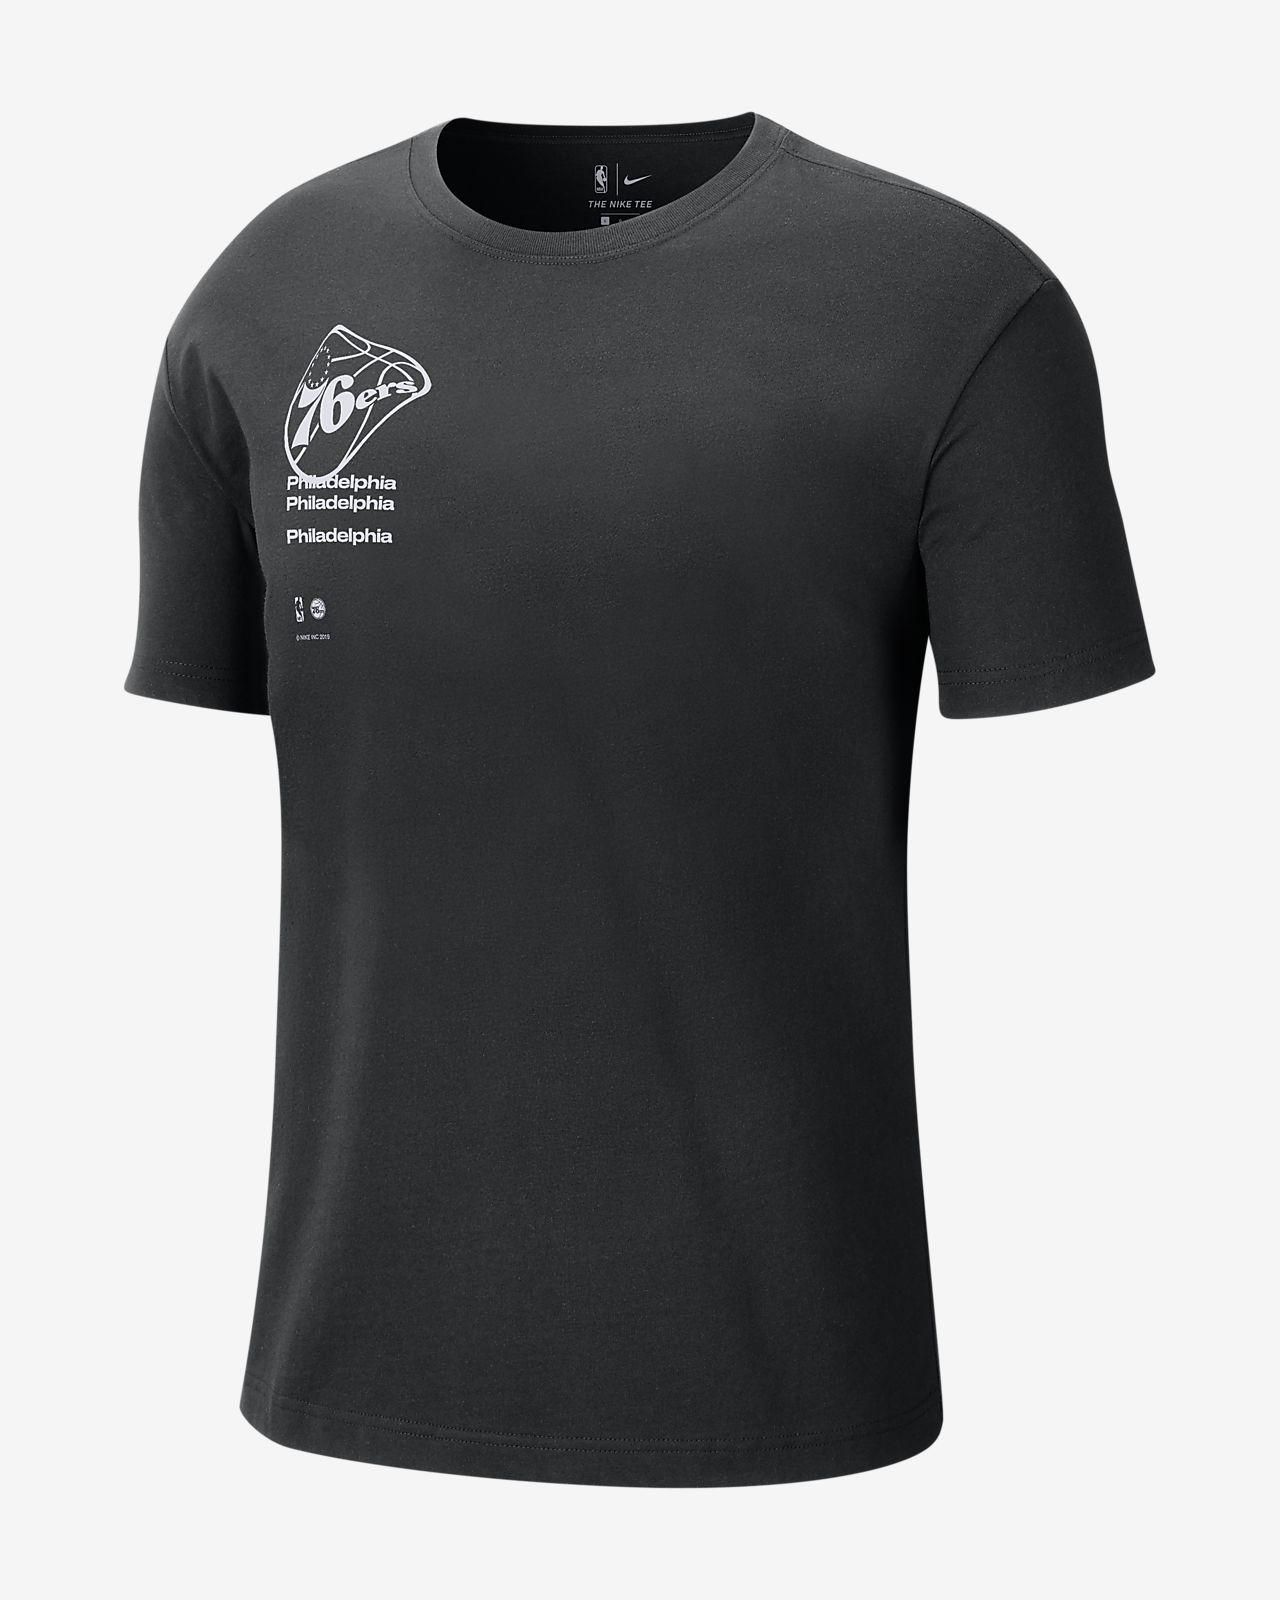 Philadelphia 76ers Nike Men's NBA T-Shirt